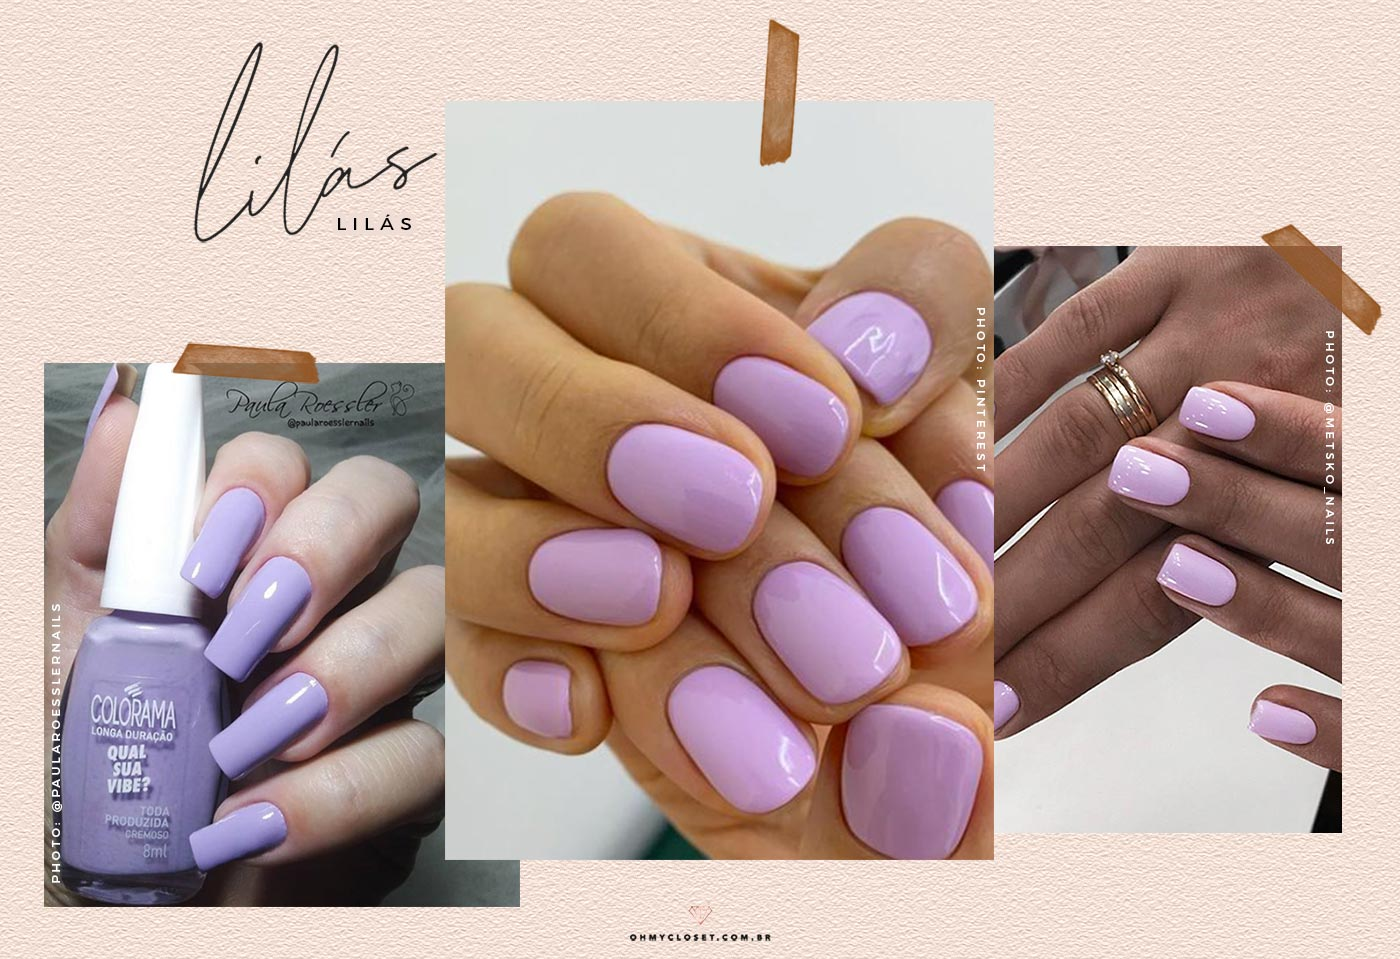 Esmalte lilás é uma das cores mais fortes para 2020.